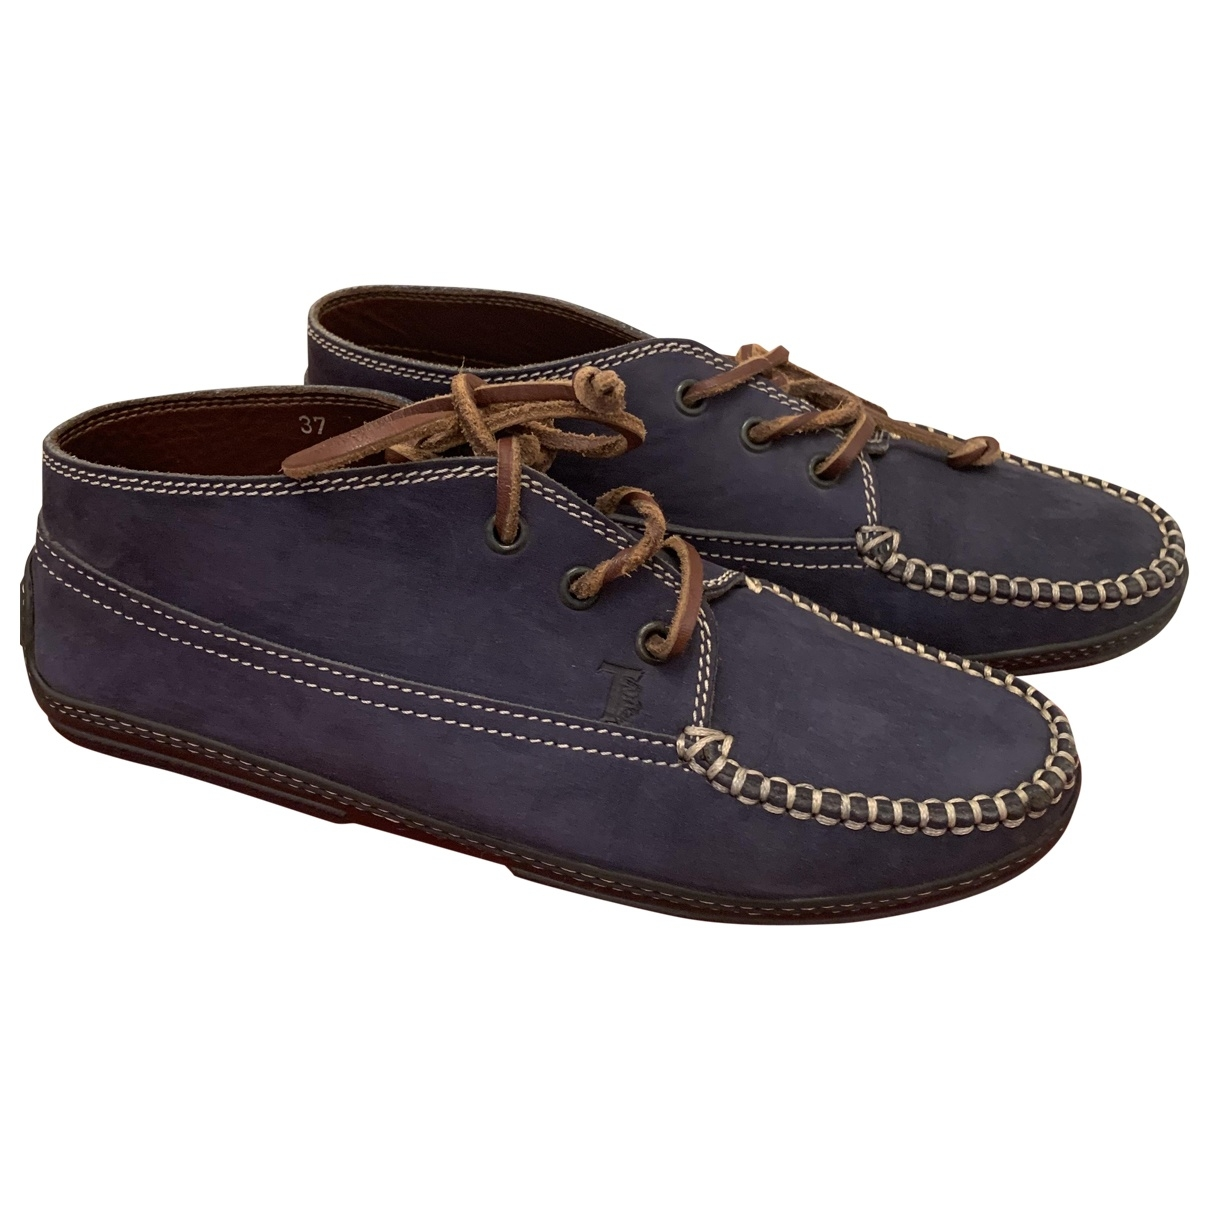 Tods - Mocassins Gommino pour femme en cuir - bleu